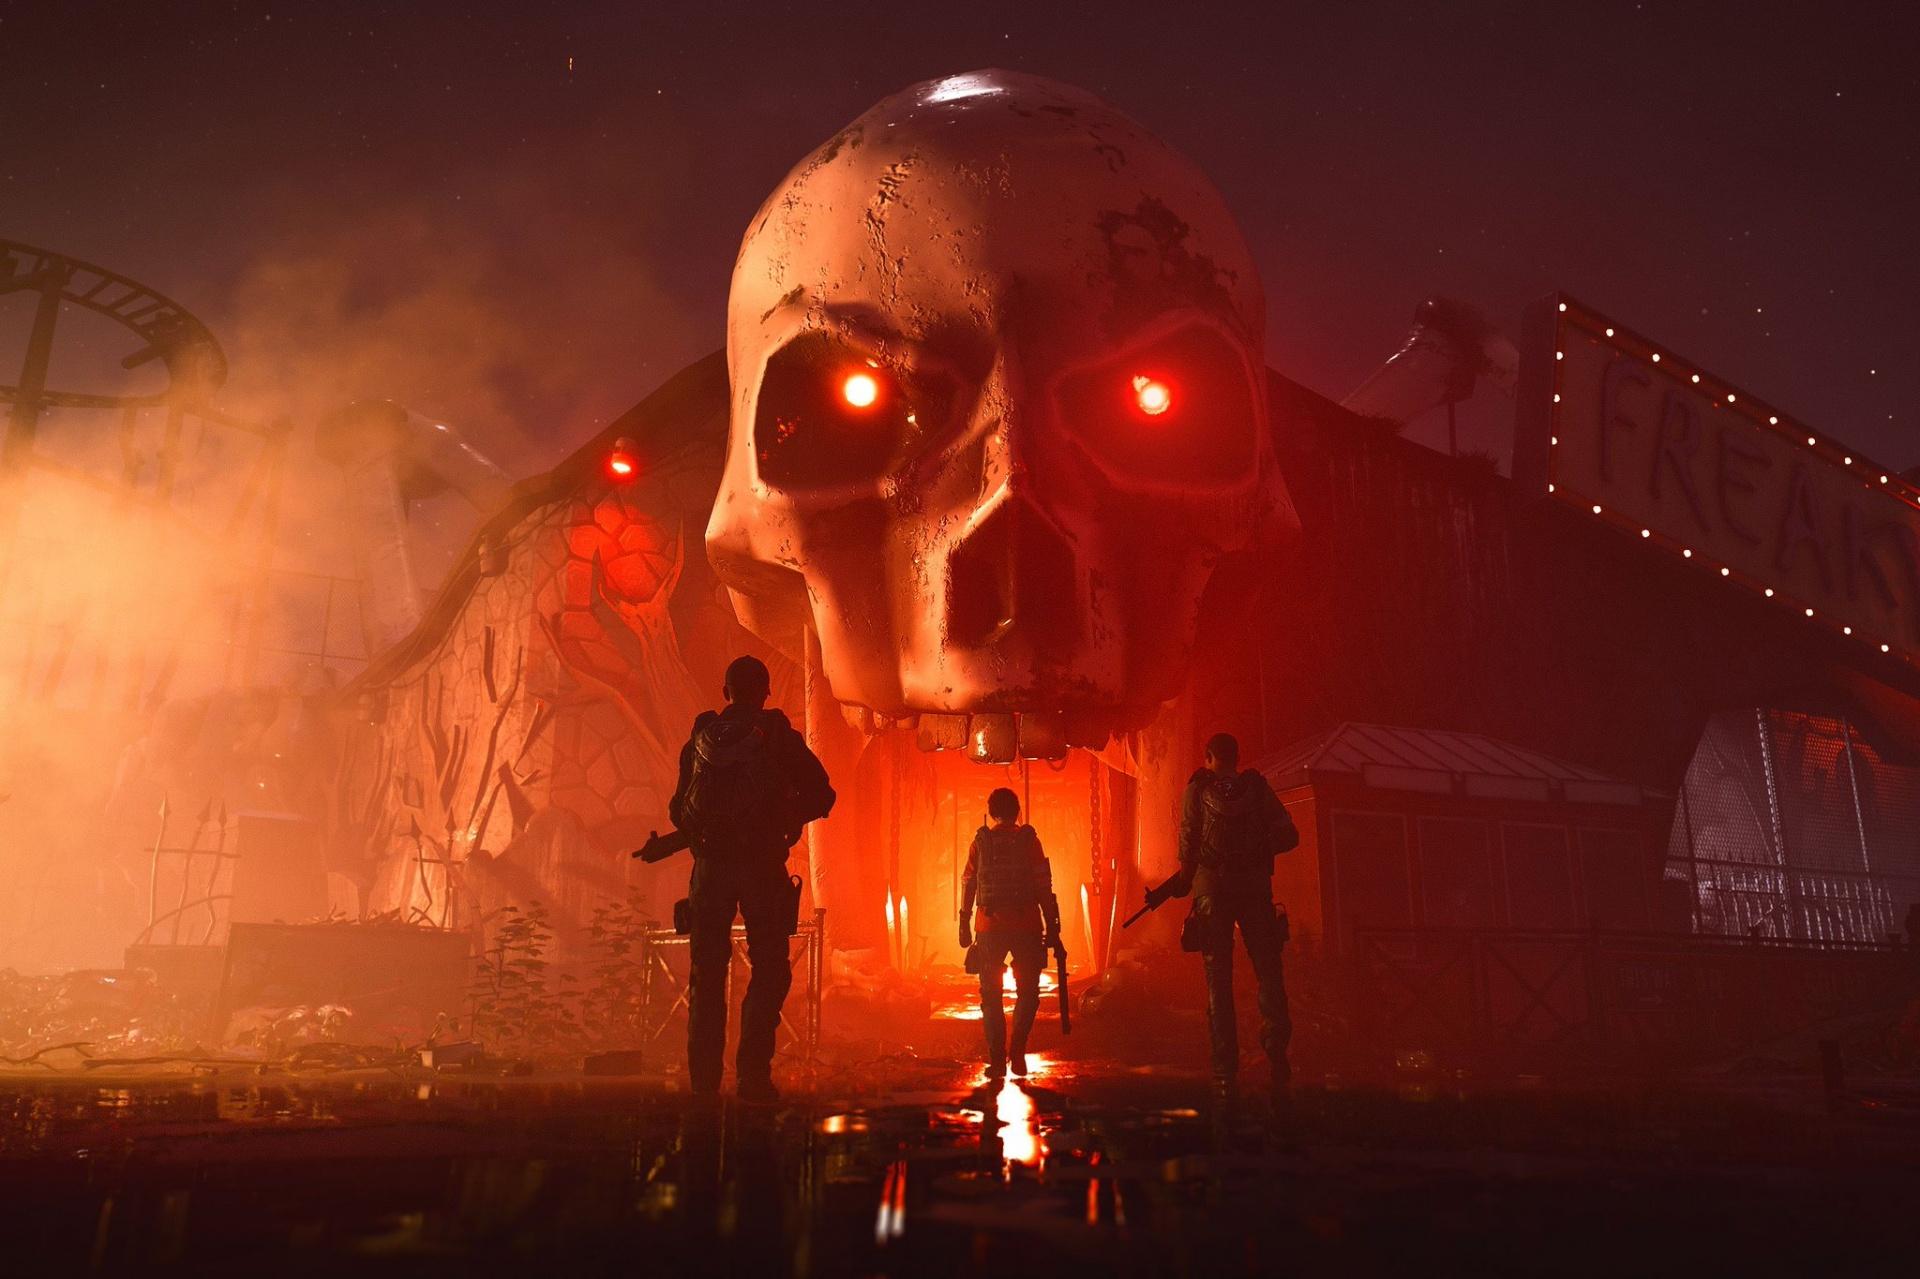 Возвращение в Нью-Йорк: трейлер свежего сюжетного DLC для The Division2